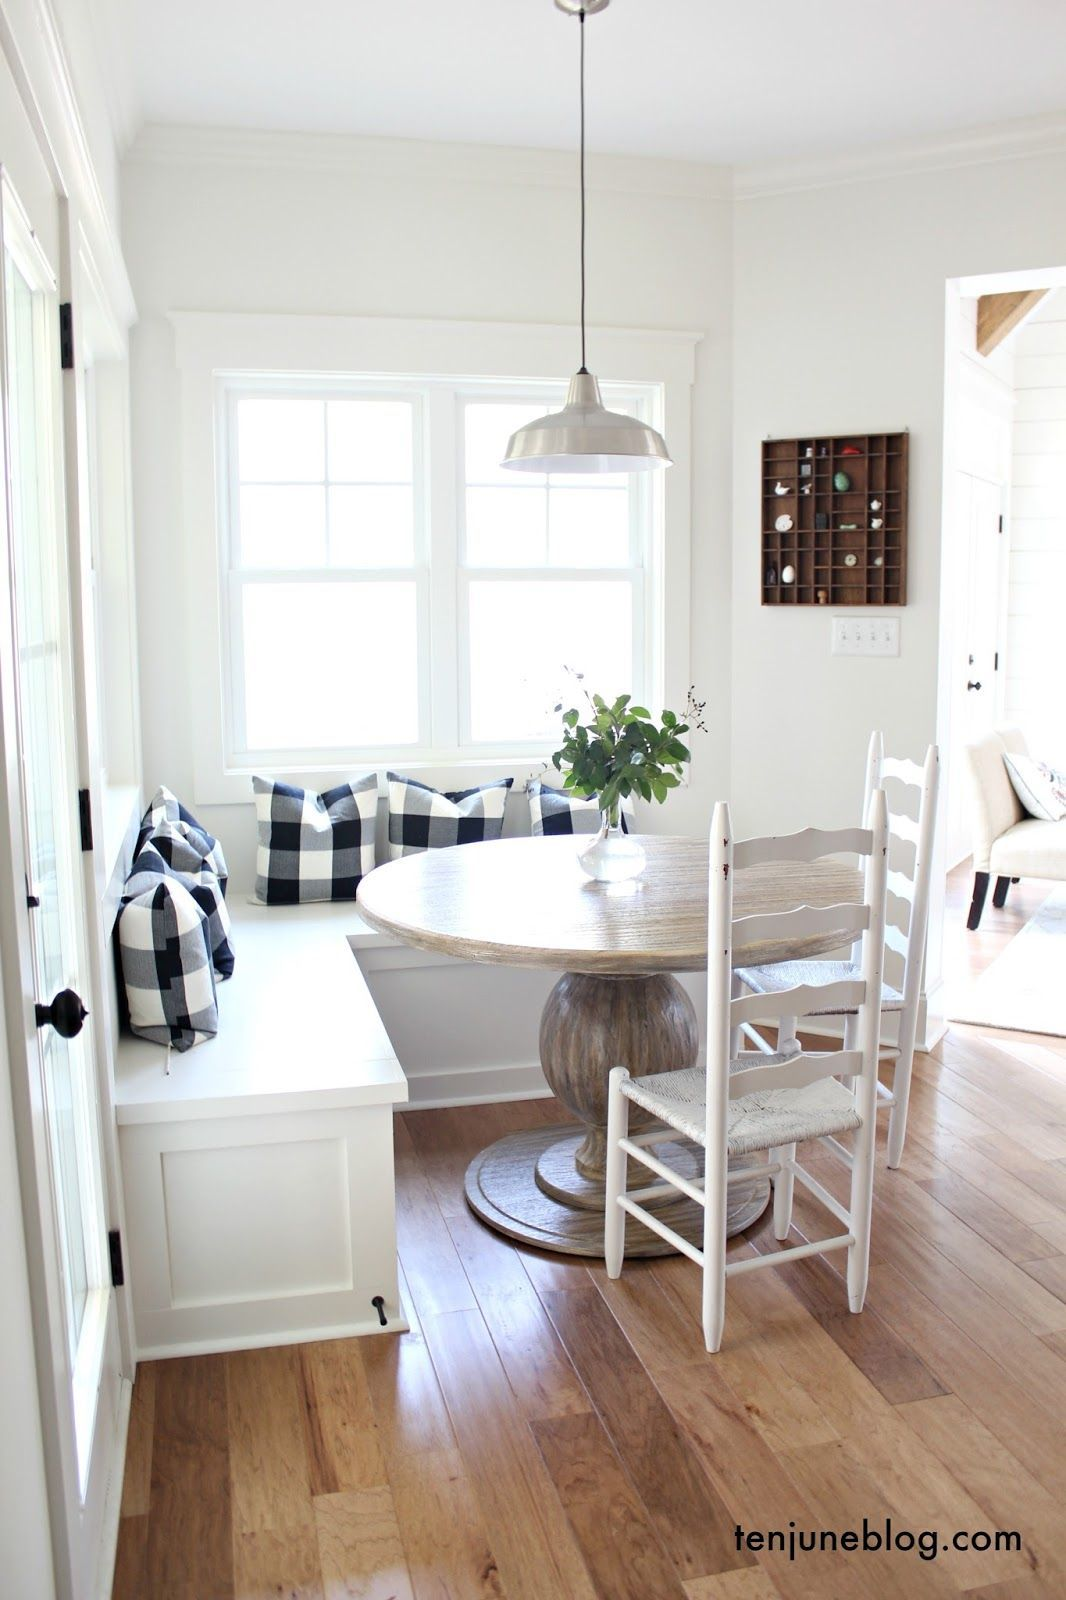 25 Exquisite Corner Breakfast Nook Ideas In Various Styles Dining Nook Breakfast Nook Table Nook Bench